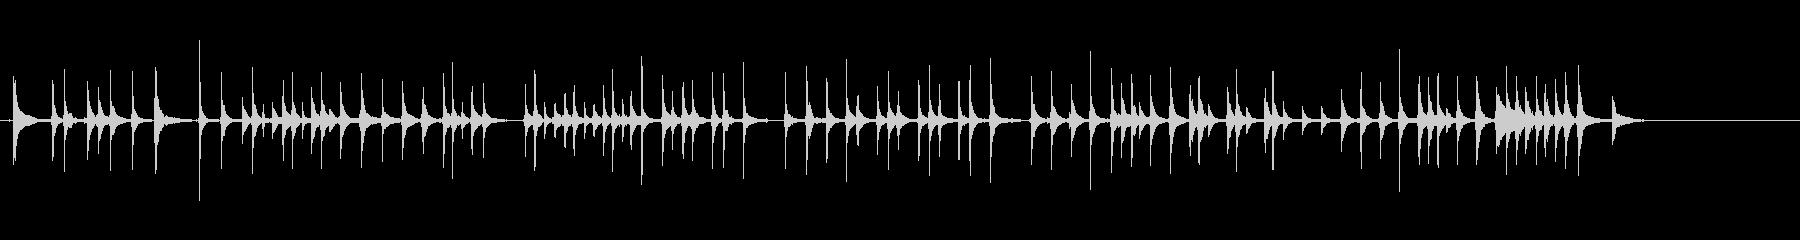 三味線40娘道成寺19日本式レビューショの未再生の波形